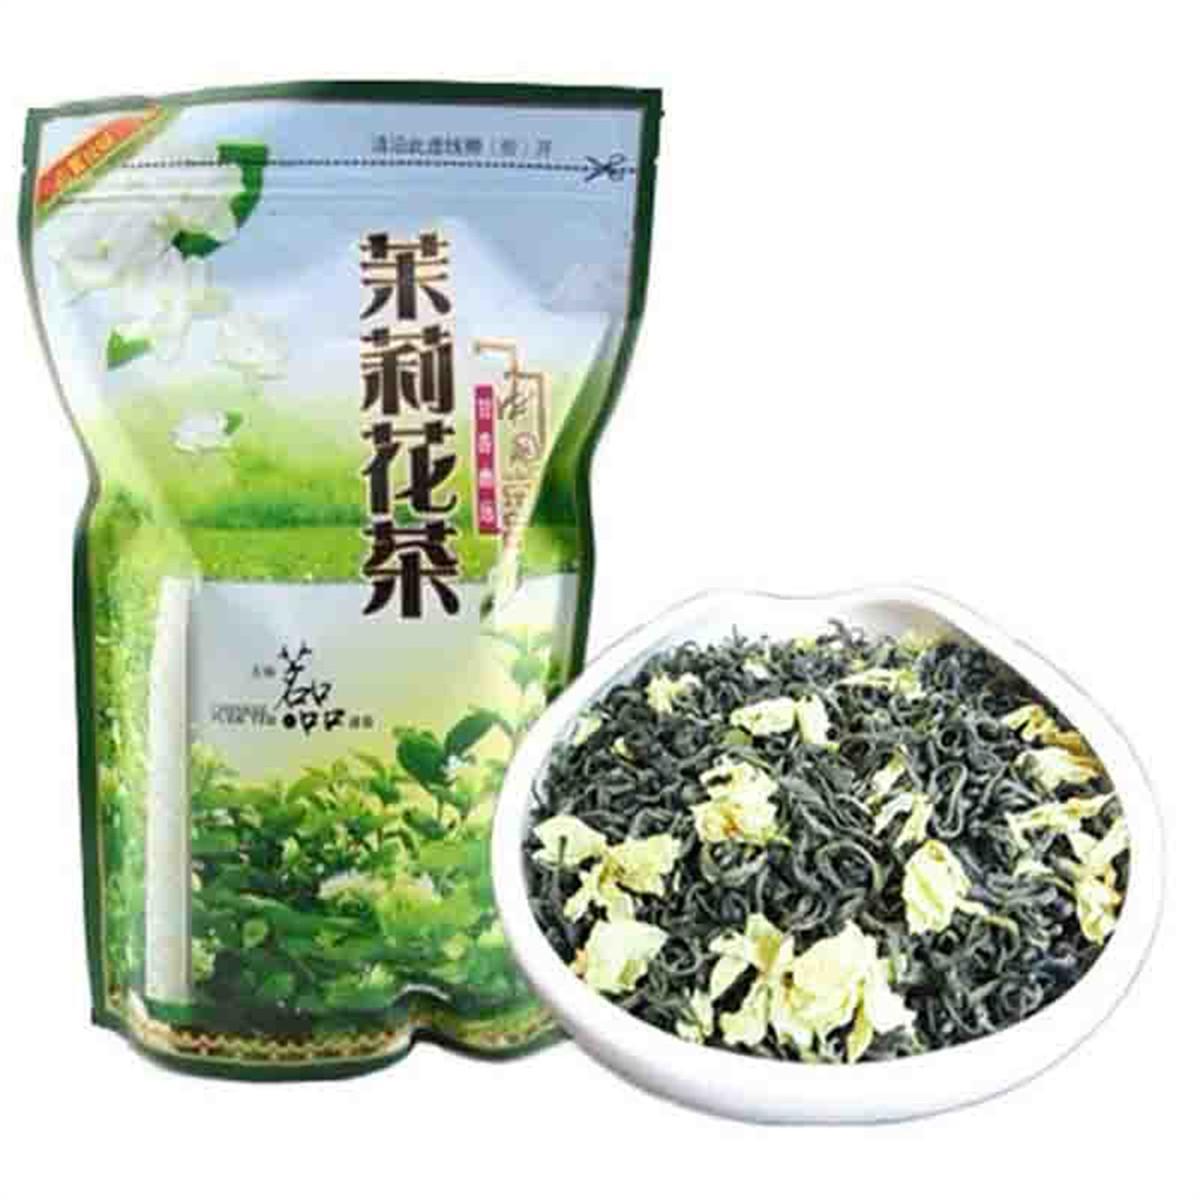 250 г Китайский органический Цветок жасмина зеленый чай сырой чай новый весенний чай зеленый пищевой предпочтительный завод прямых продаж